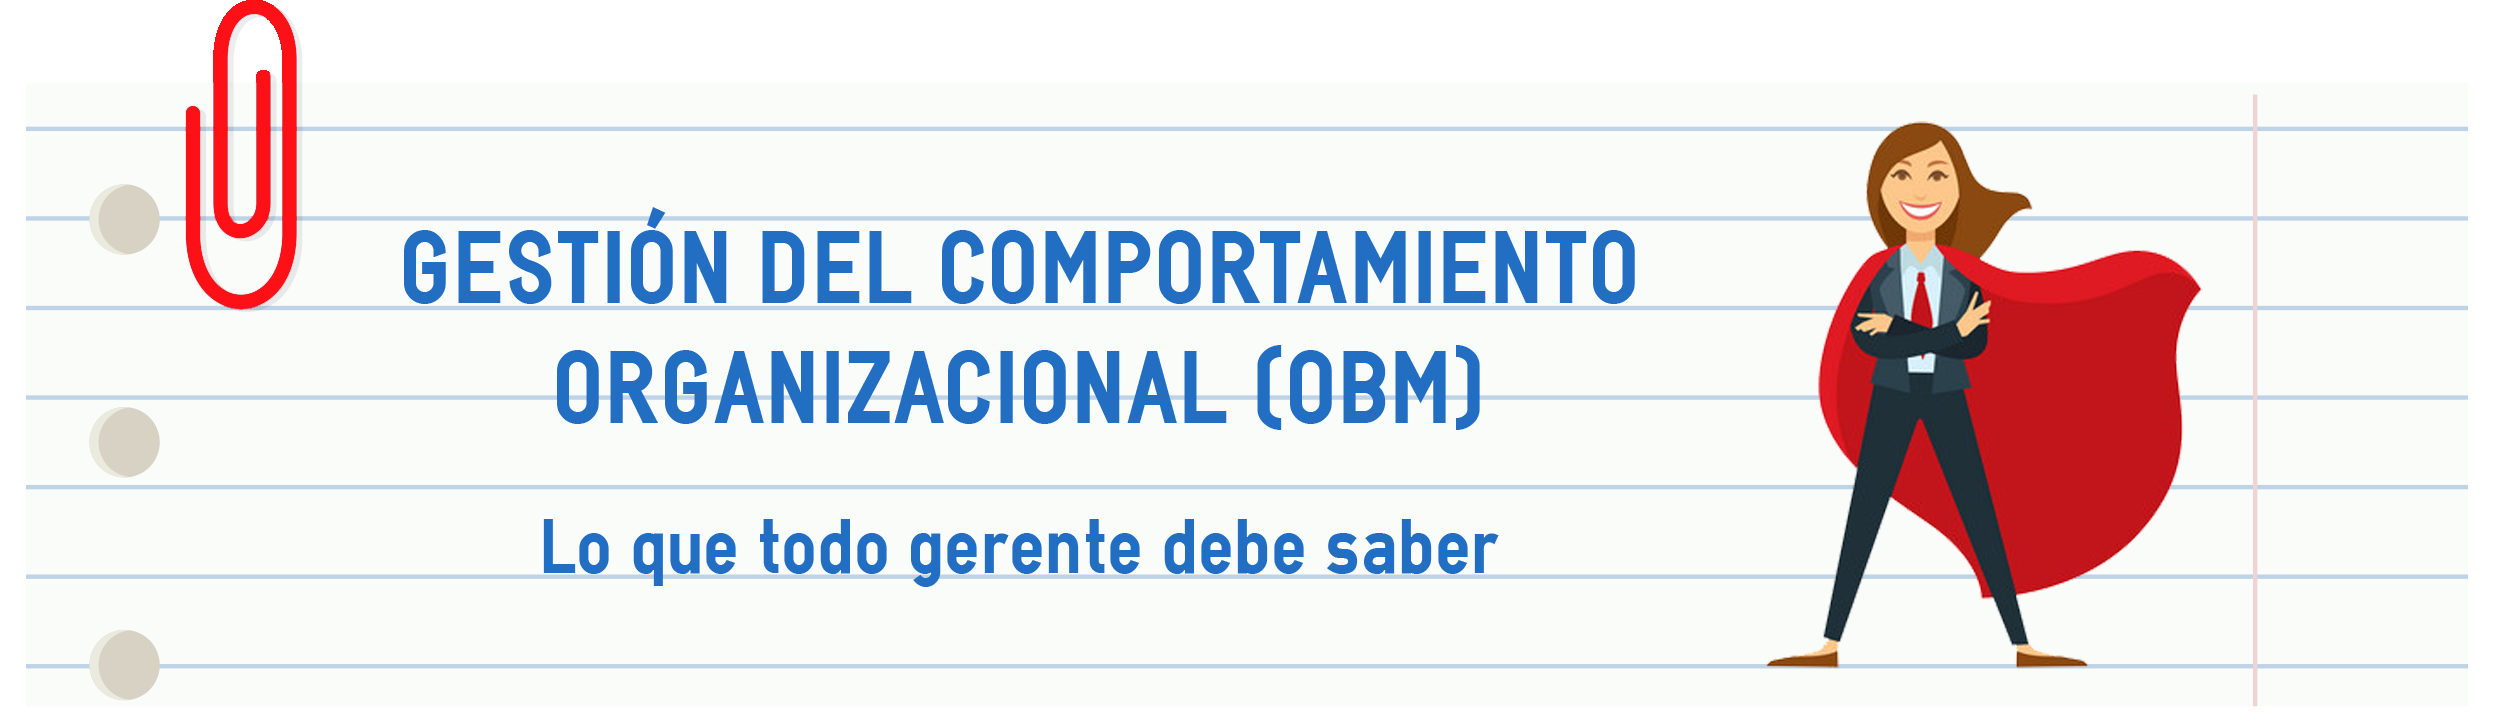 administracion_gestion_comportamiento_organizacional_modificacion_conducta.png